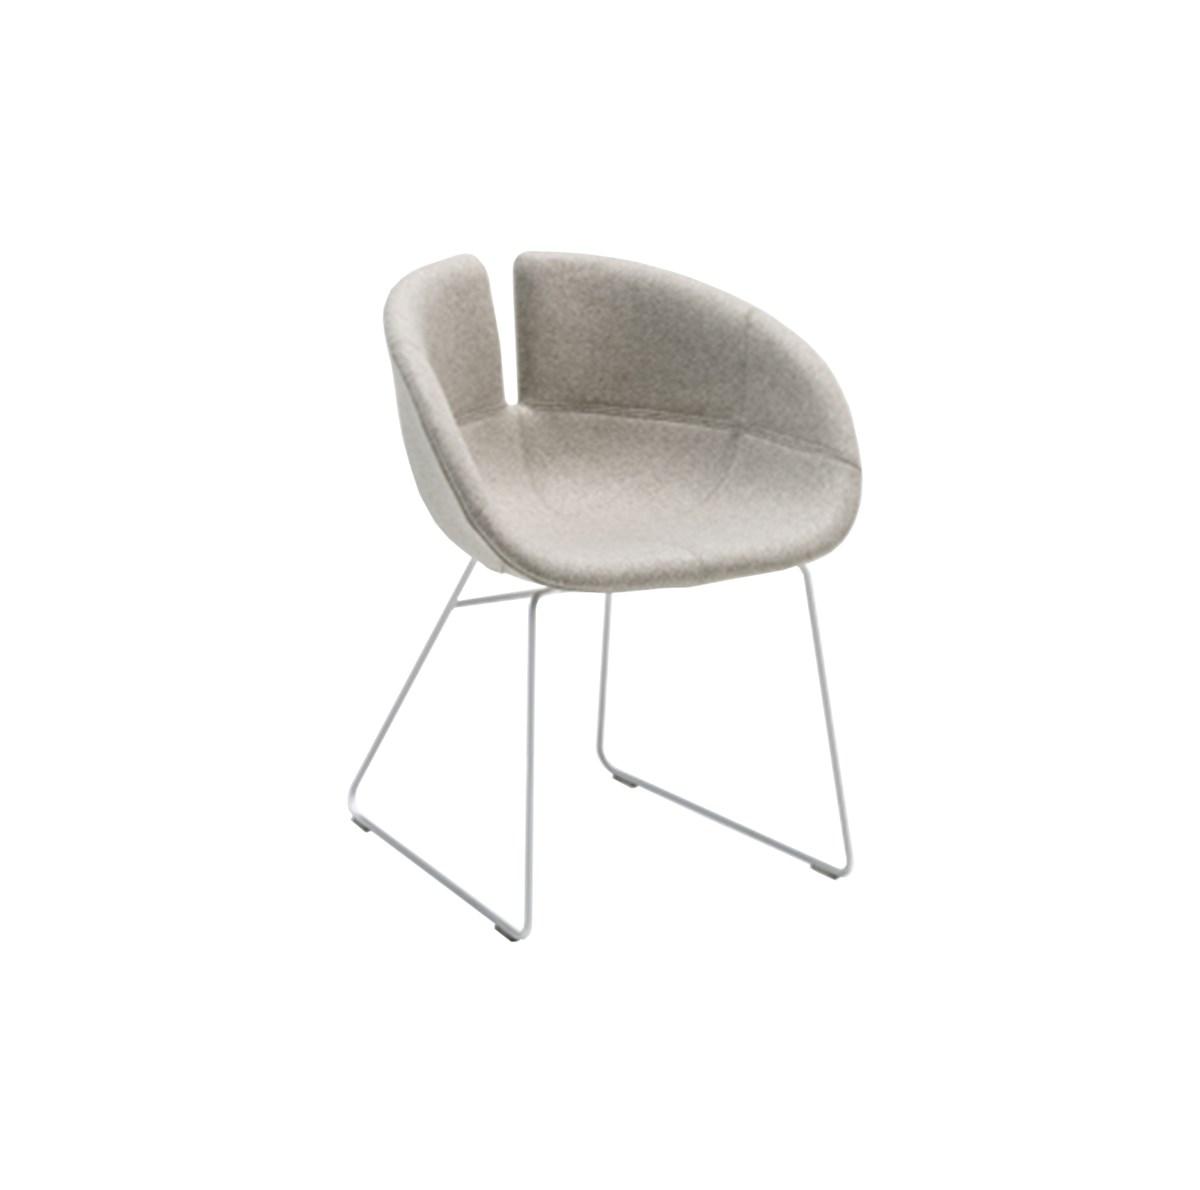 Moroso-Patricia-Urquiola-Fjord-Small-Armchair-Matisse-1